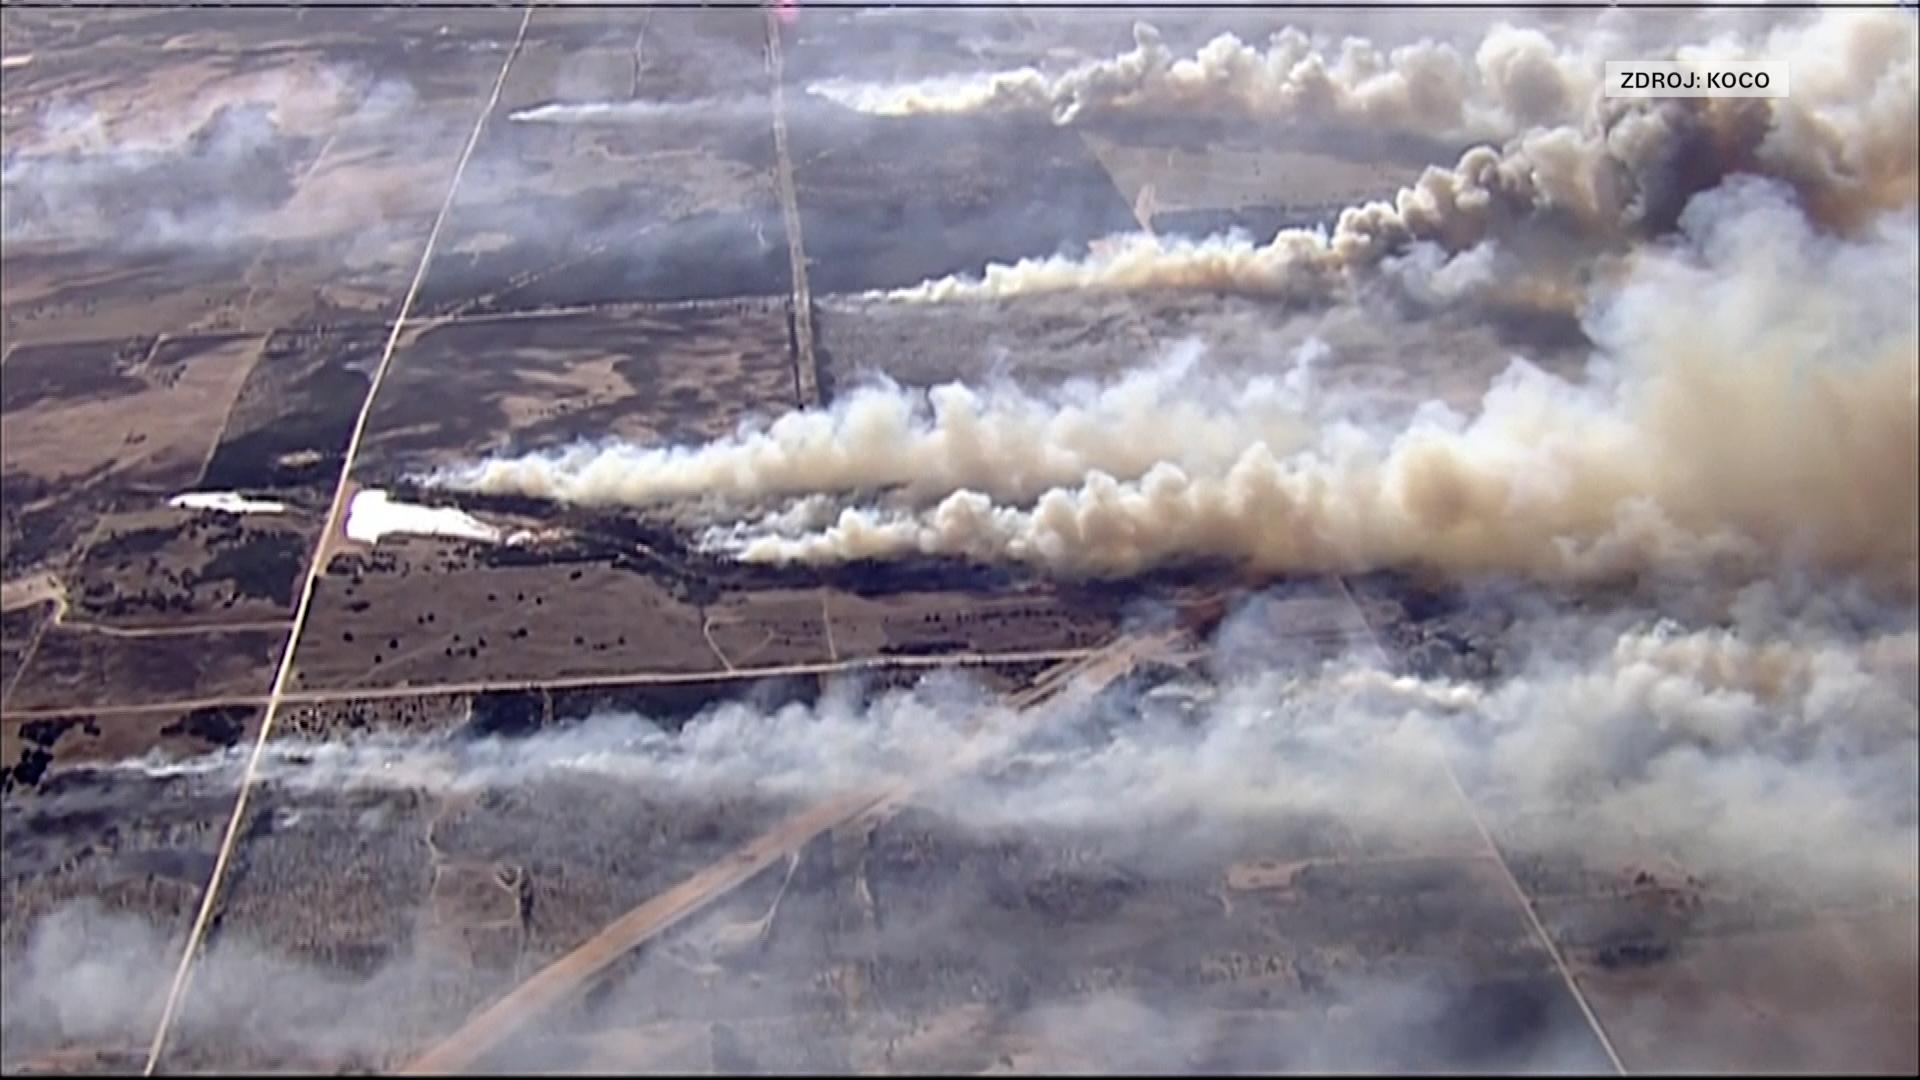 Oklahomu sužují rozsáhlé lesní požáry. Plameny se nedaří dostat pod kontrolu